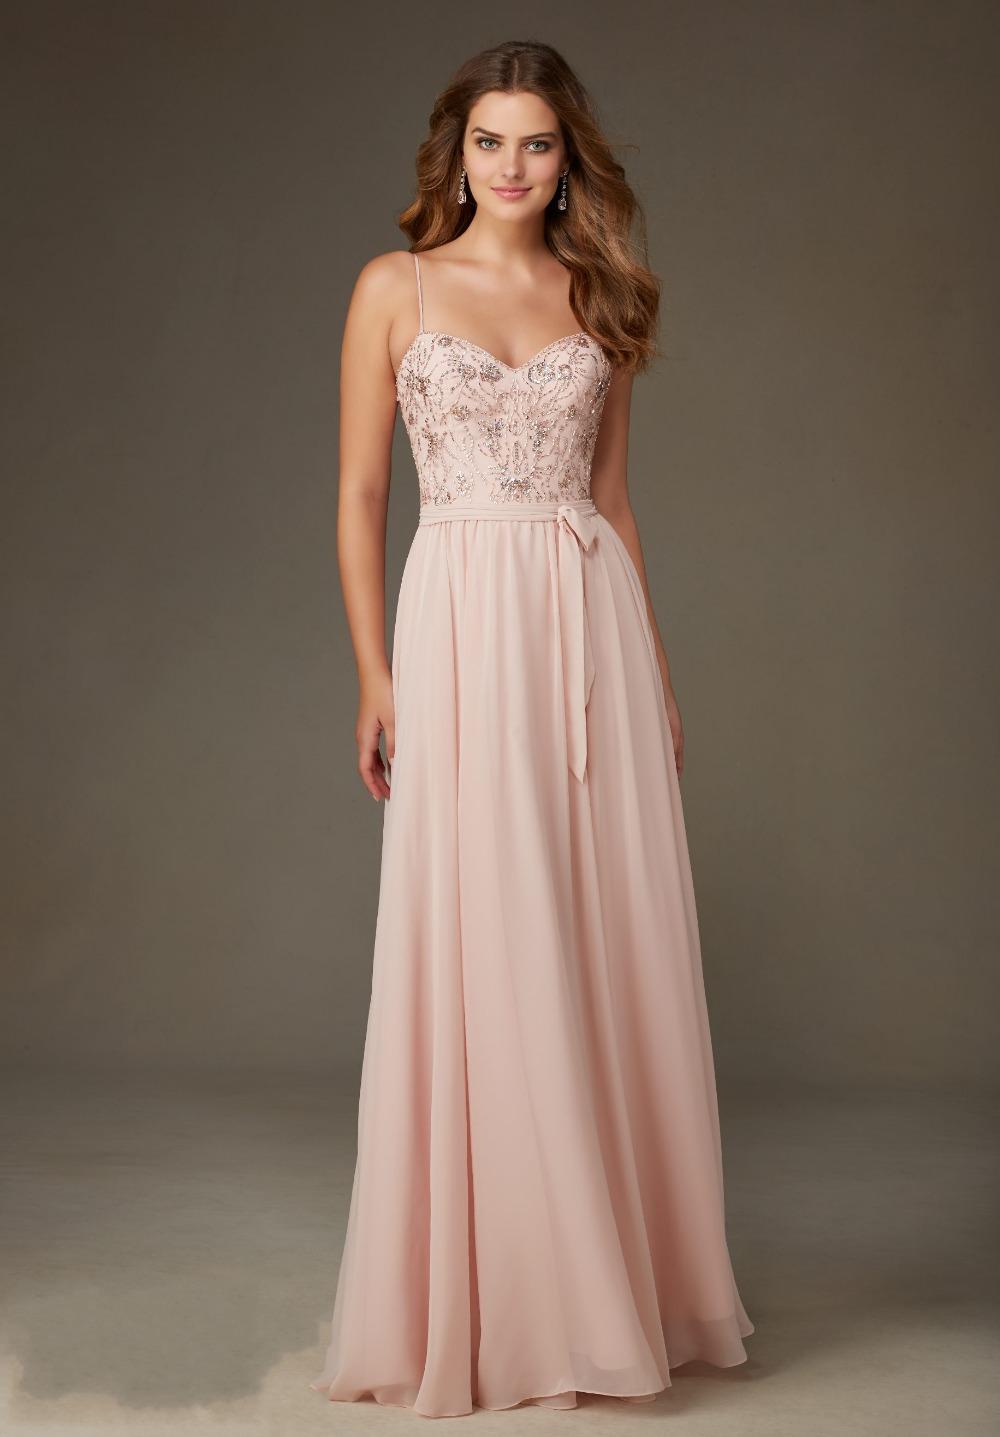 Long Blush Pink Bridesmaid Dress